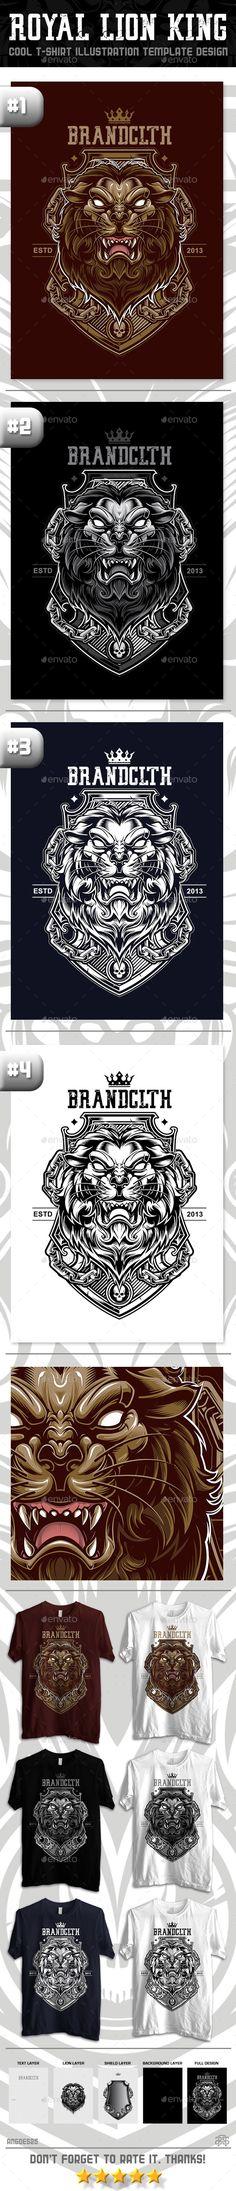 Royal Lion King T-Shirt Vector Illustration Design. Download: http://graphicriver.net/item/royal-lion-king/12591774?ref=ksioks